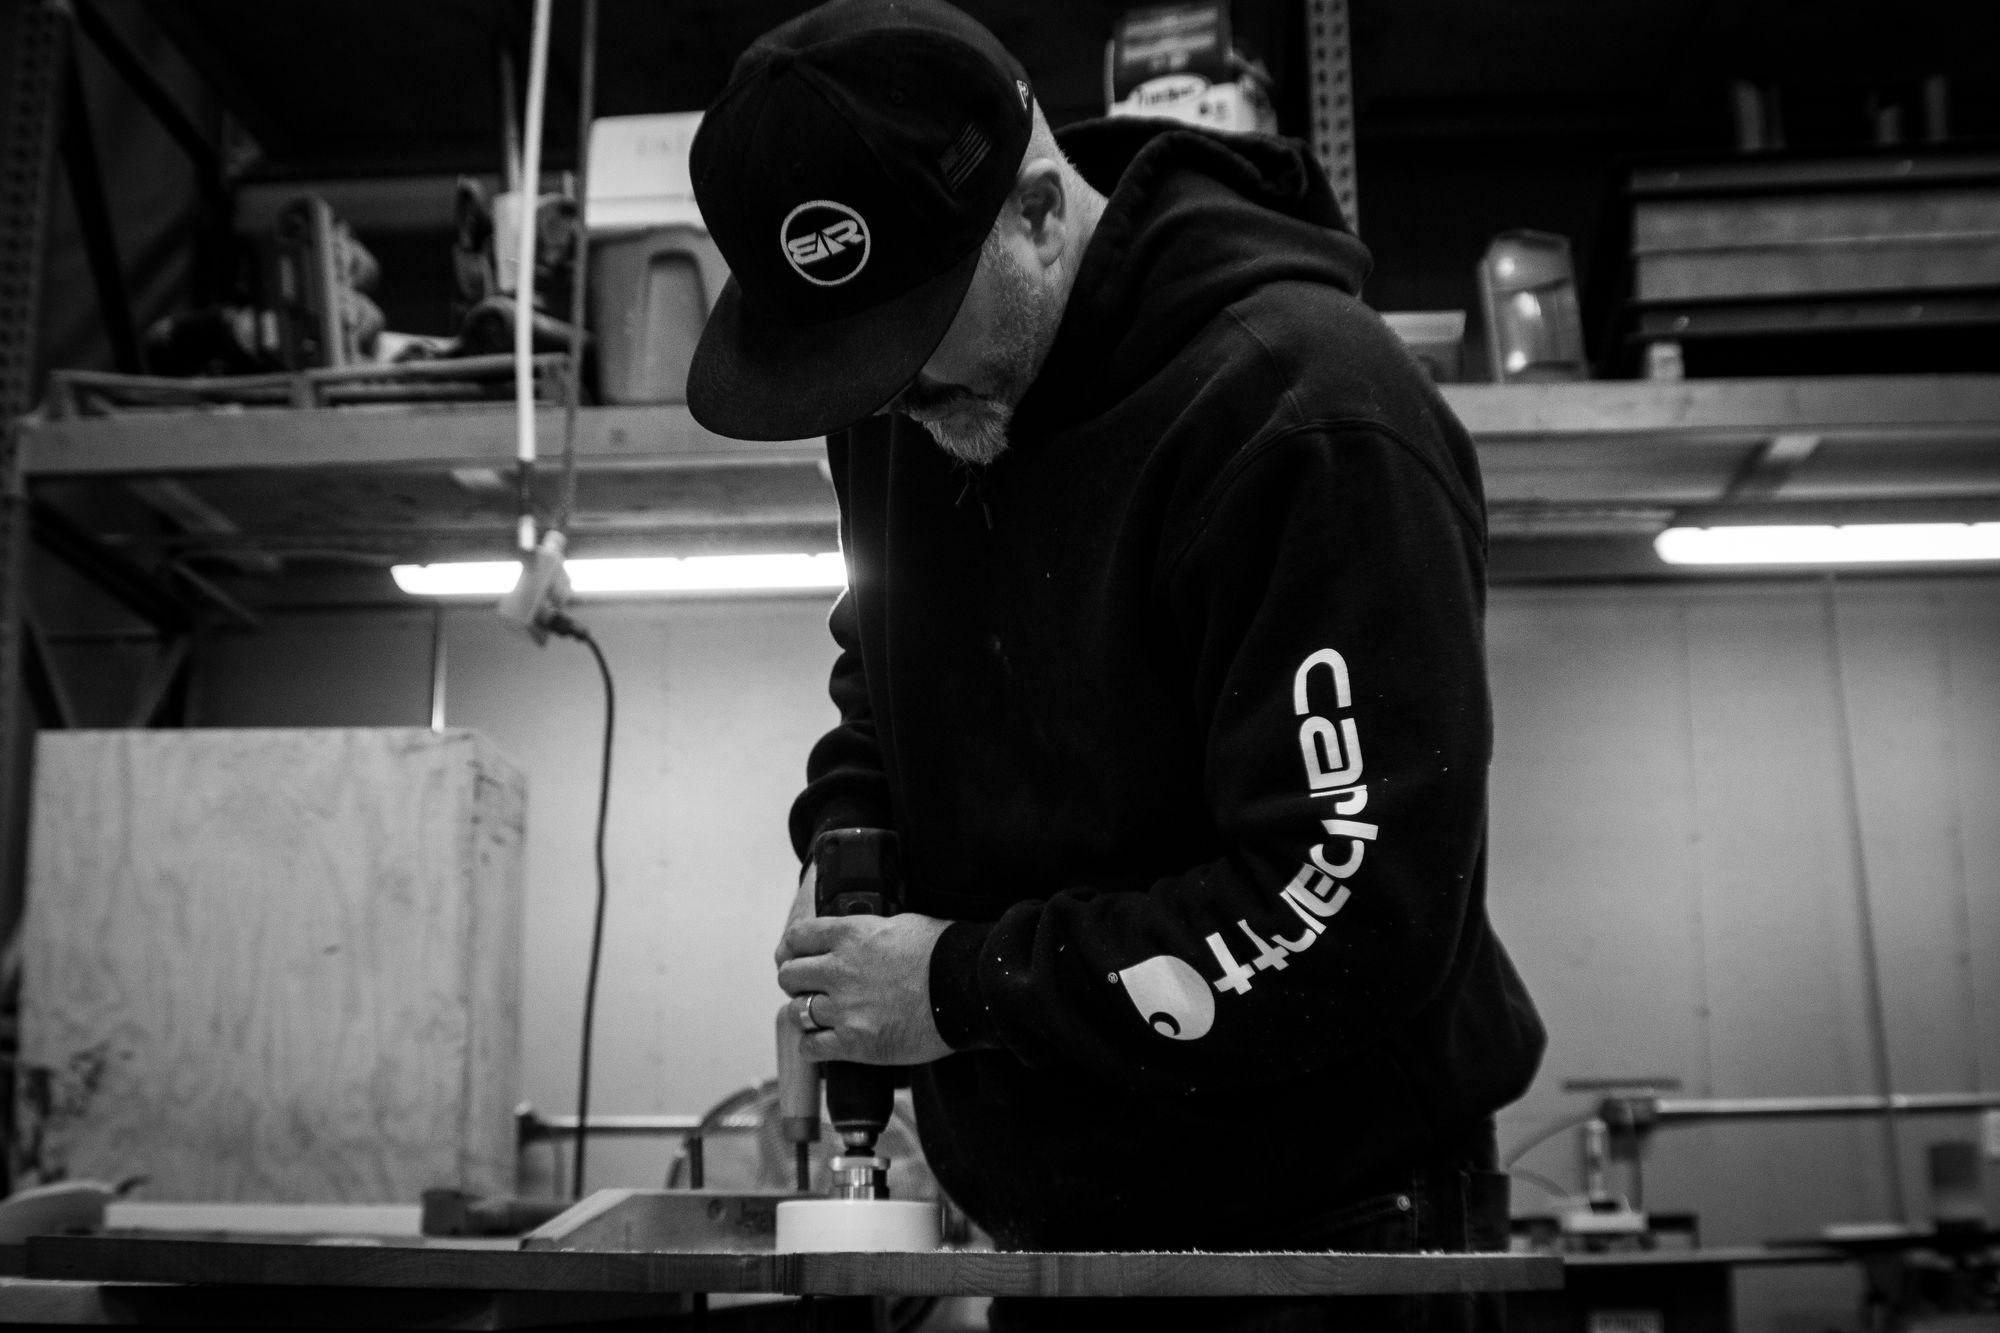 Blackrock designer Nathan Simpson begins crafting pendant lights